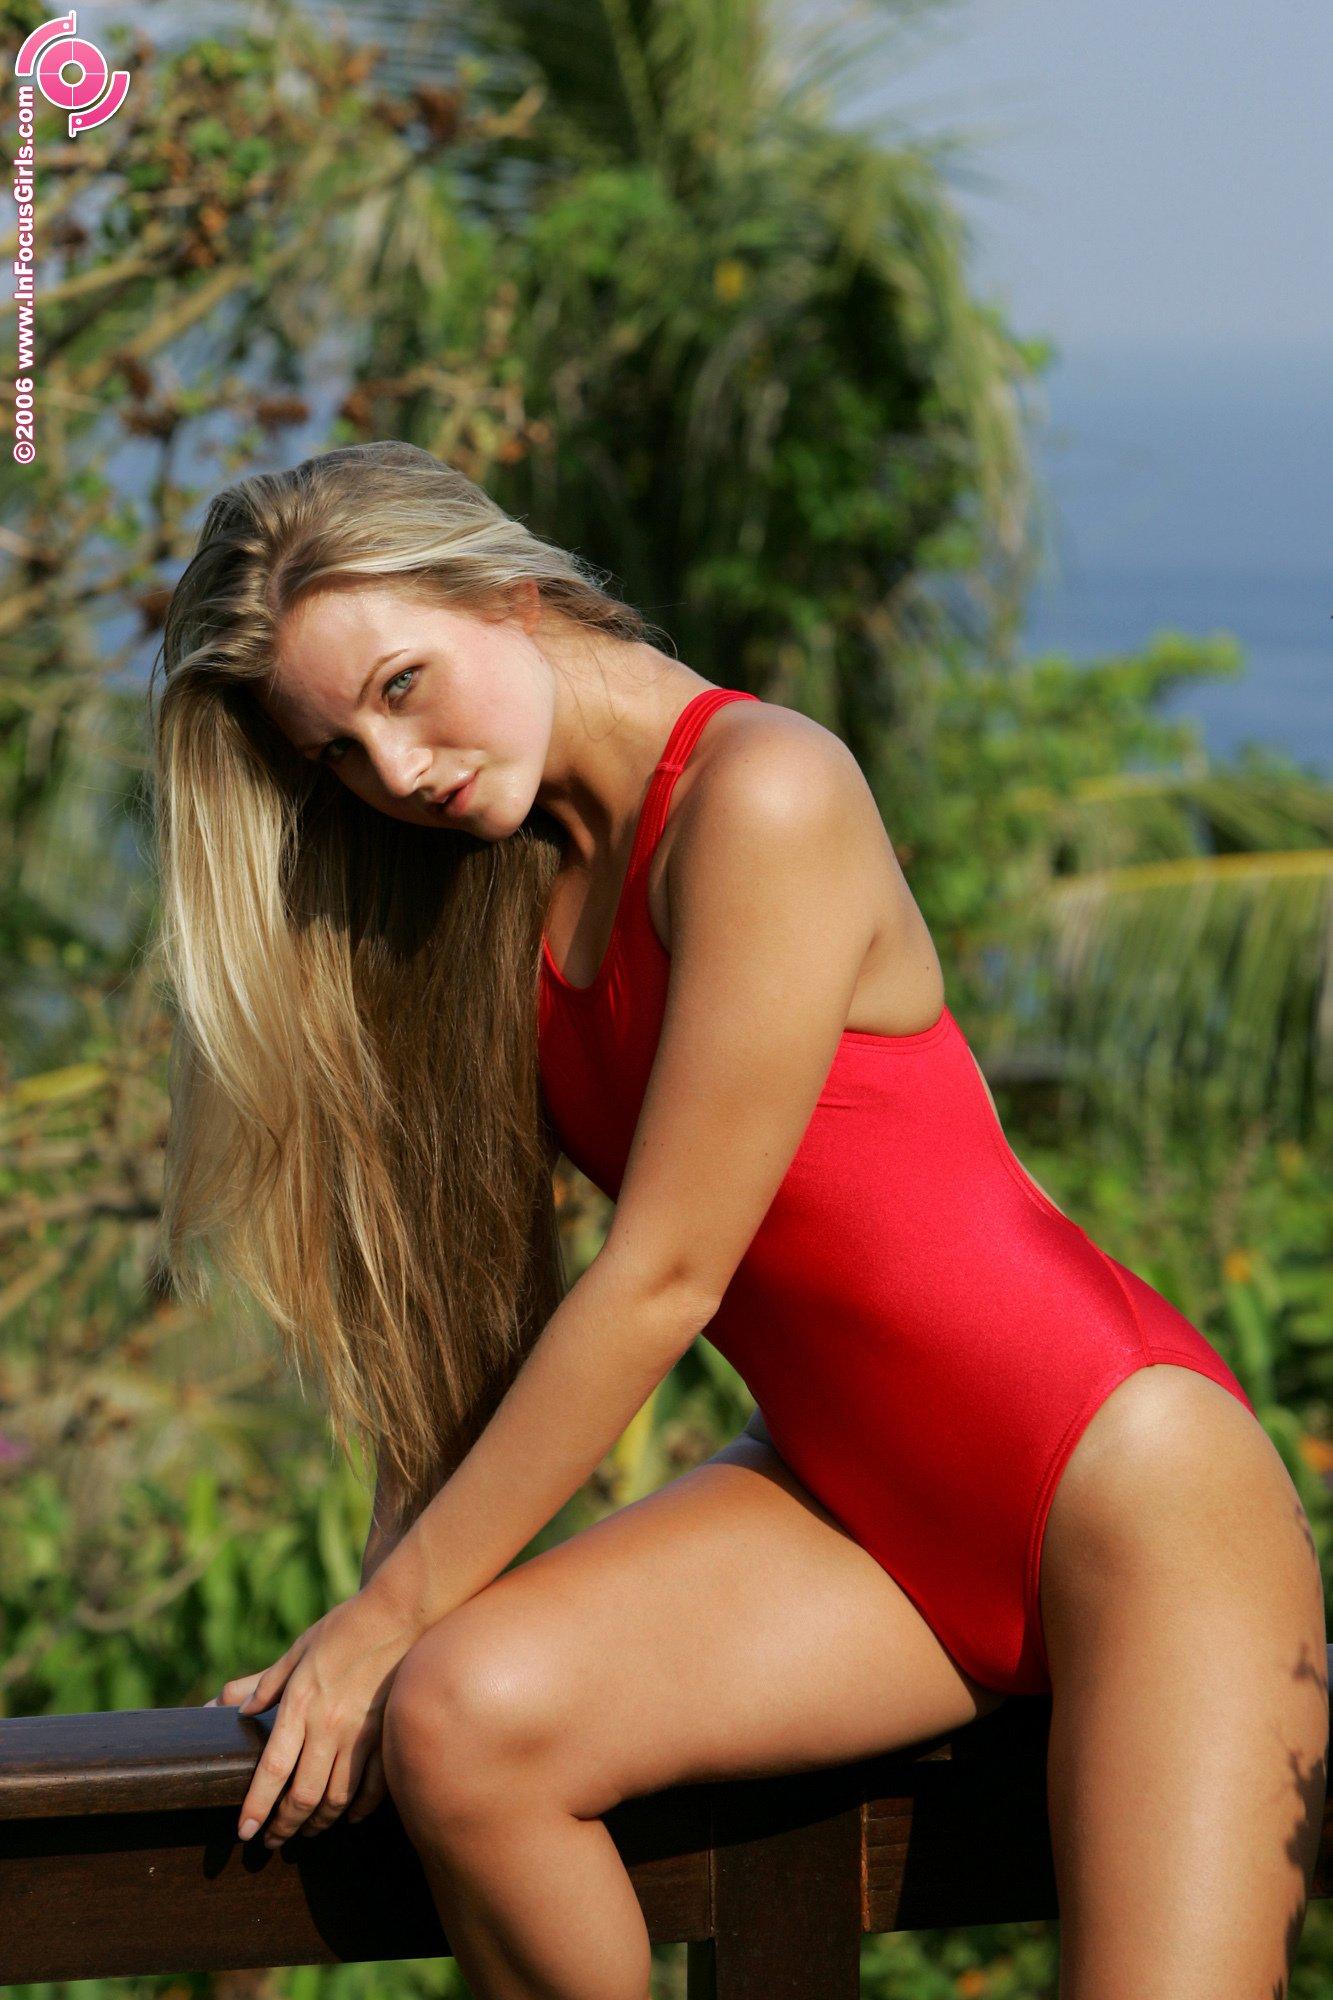 Сплошной купальник порно 13 фотография